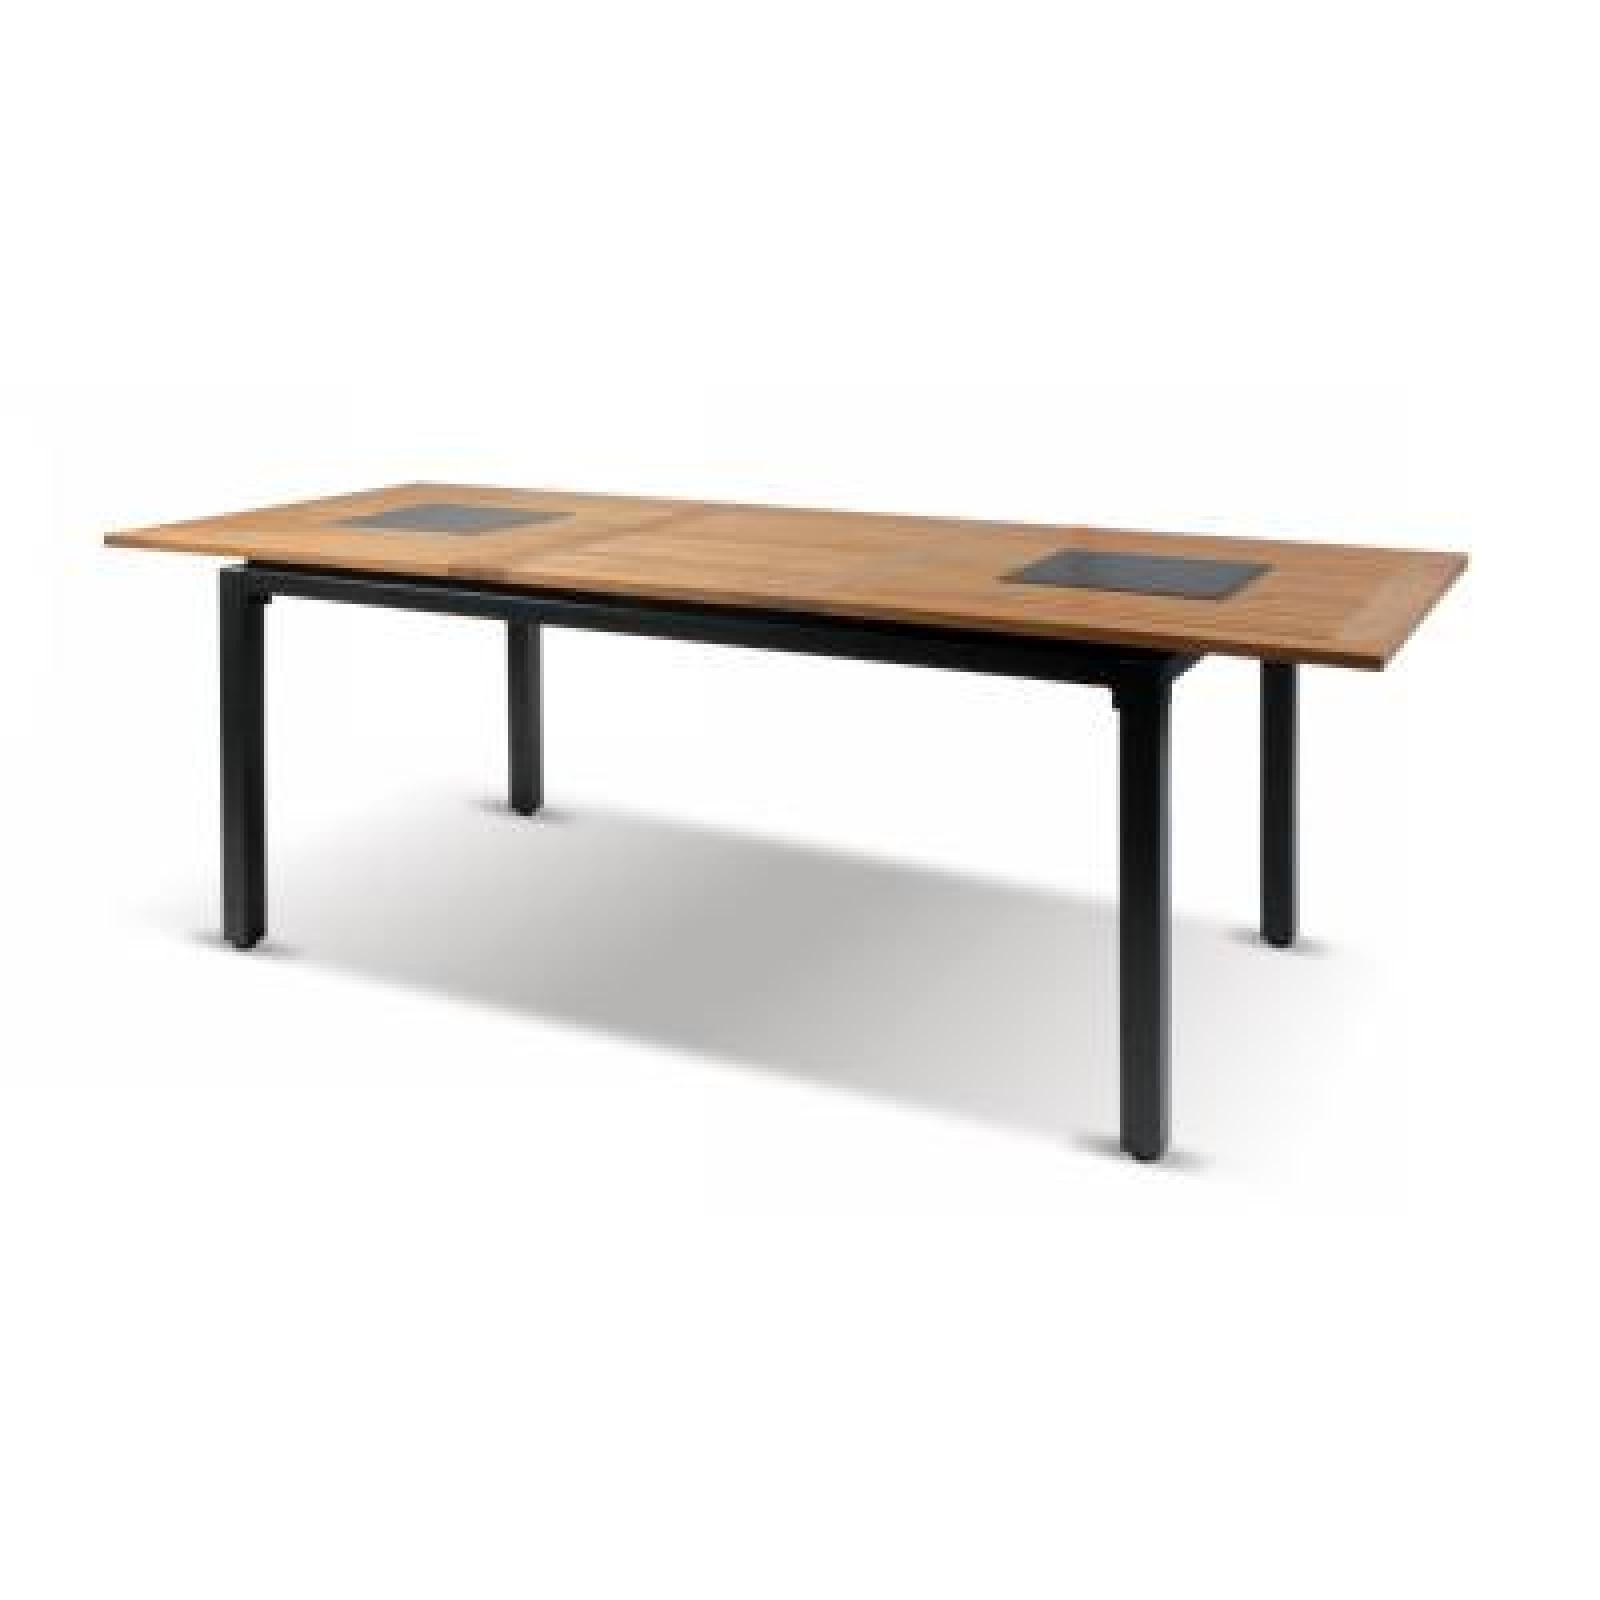 Hartman Concept Tisch Ausziehbar 180/240 X 100 Cm Teakholz/Aluminium  62416210